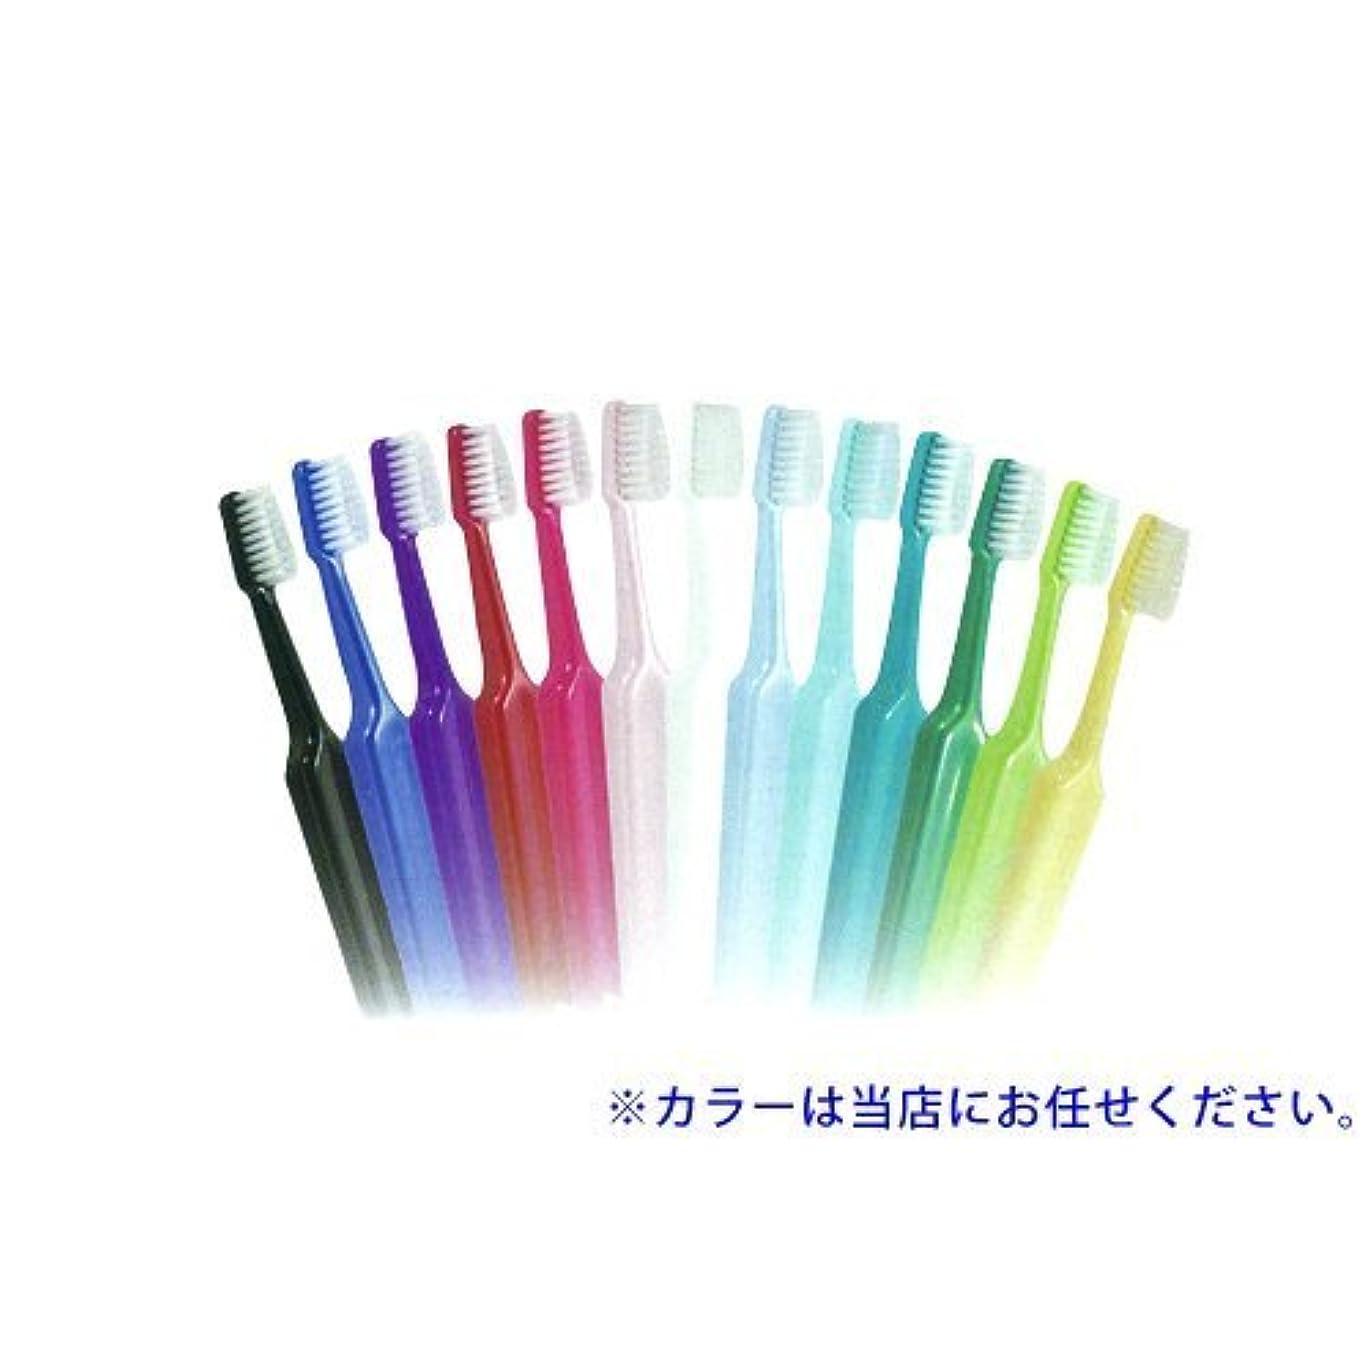 意志に反するスポーツをする成功したTepe歯ブラシ セレクトミニ/エクストラソフト 25本/箱